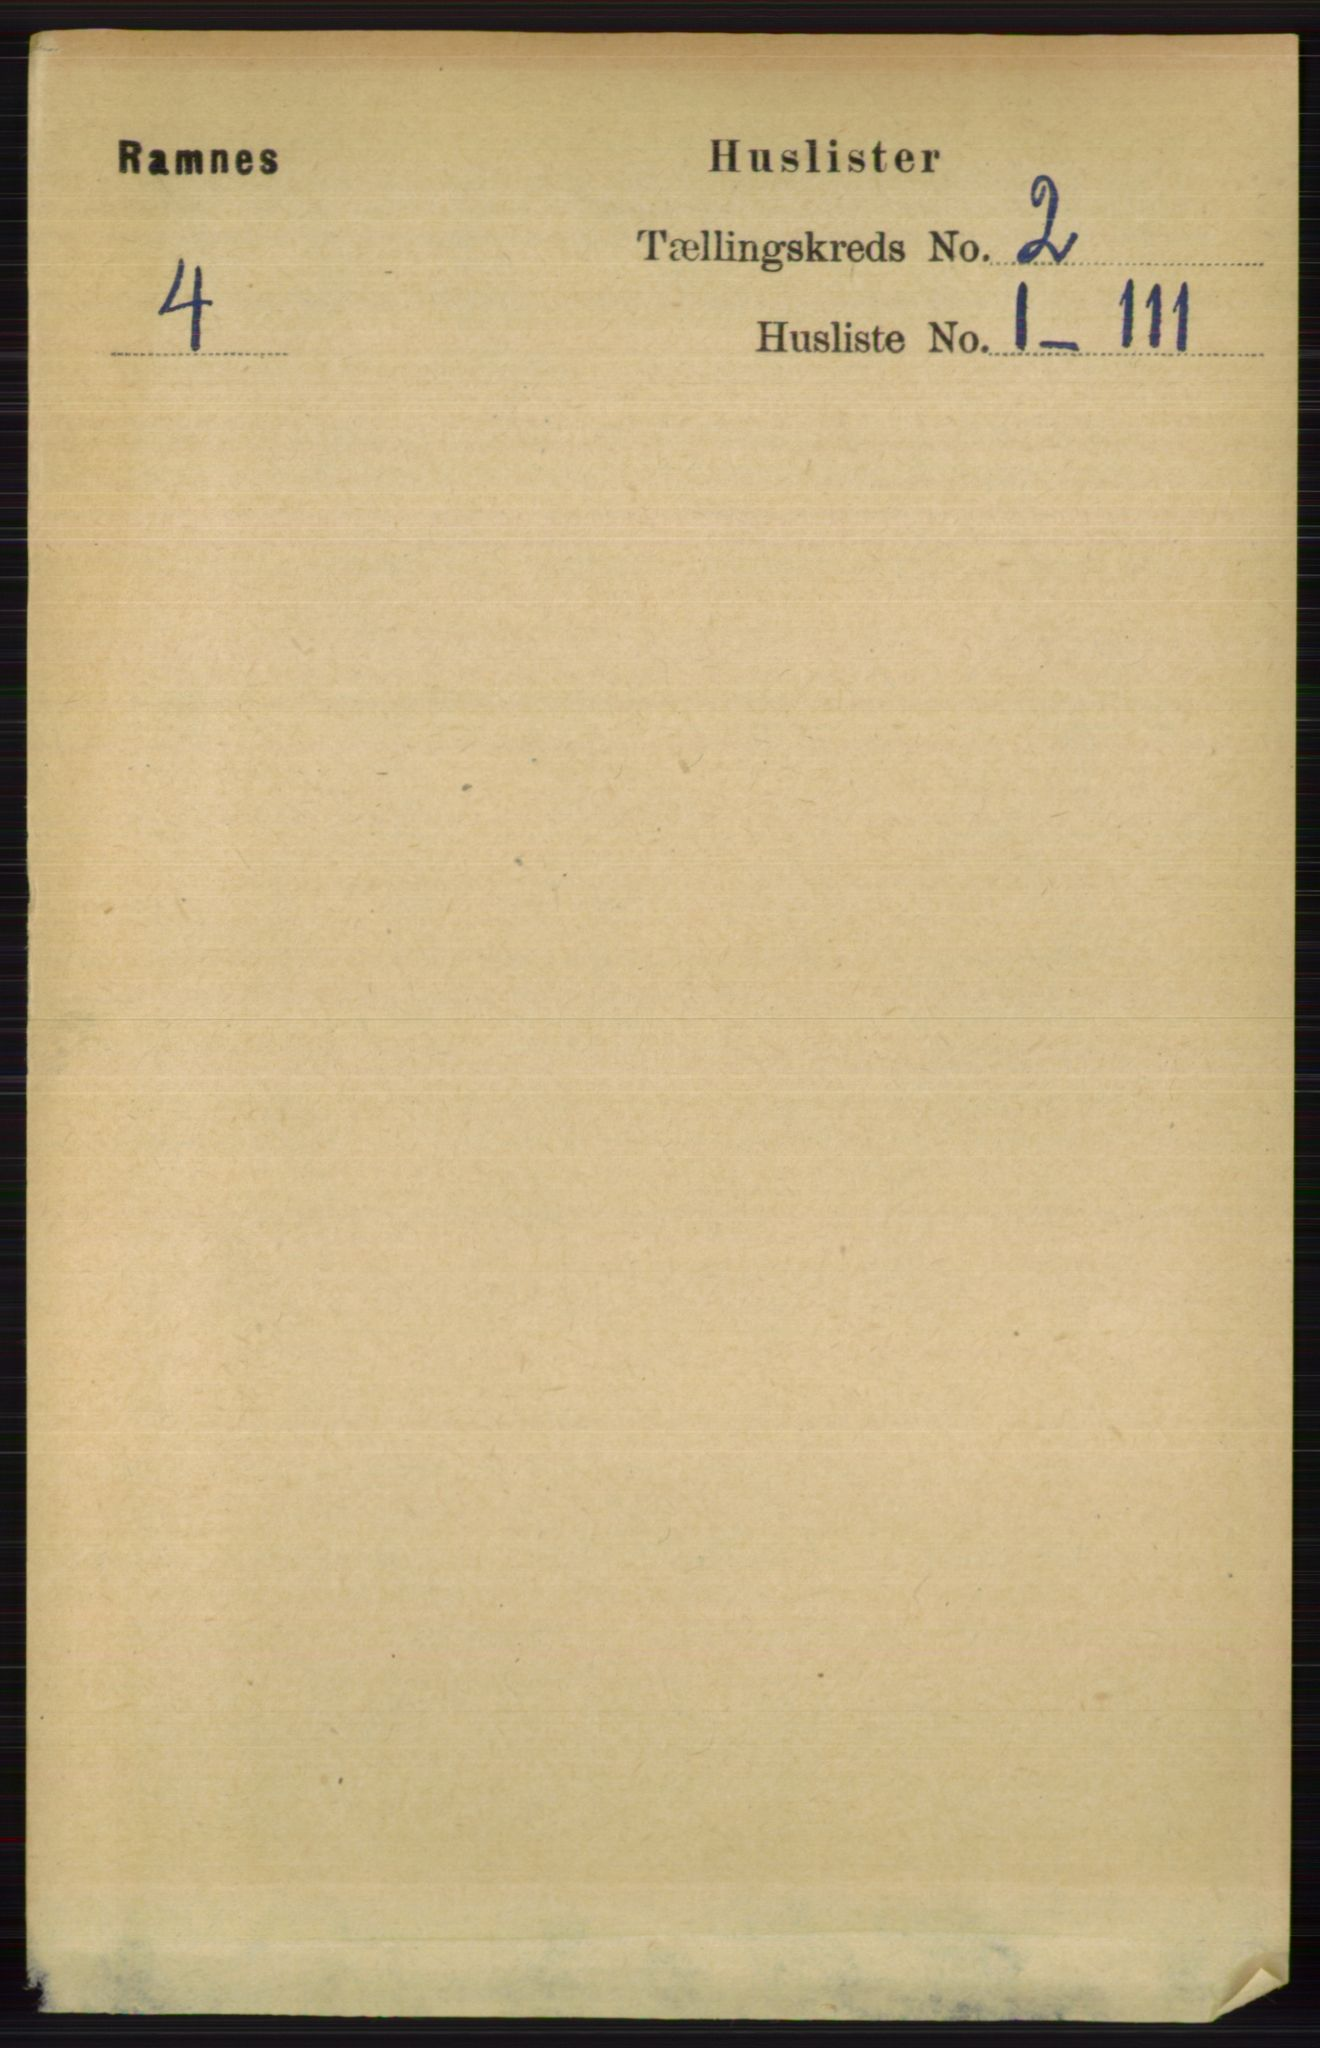 RA, Folketelling 1891 for 0718 Ramnes herred, 1891, s. 453